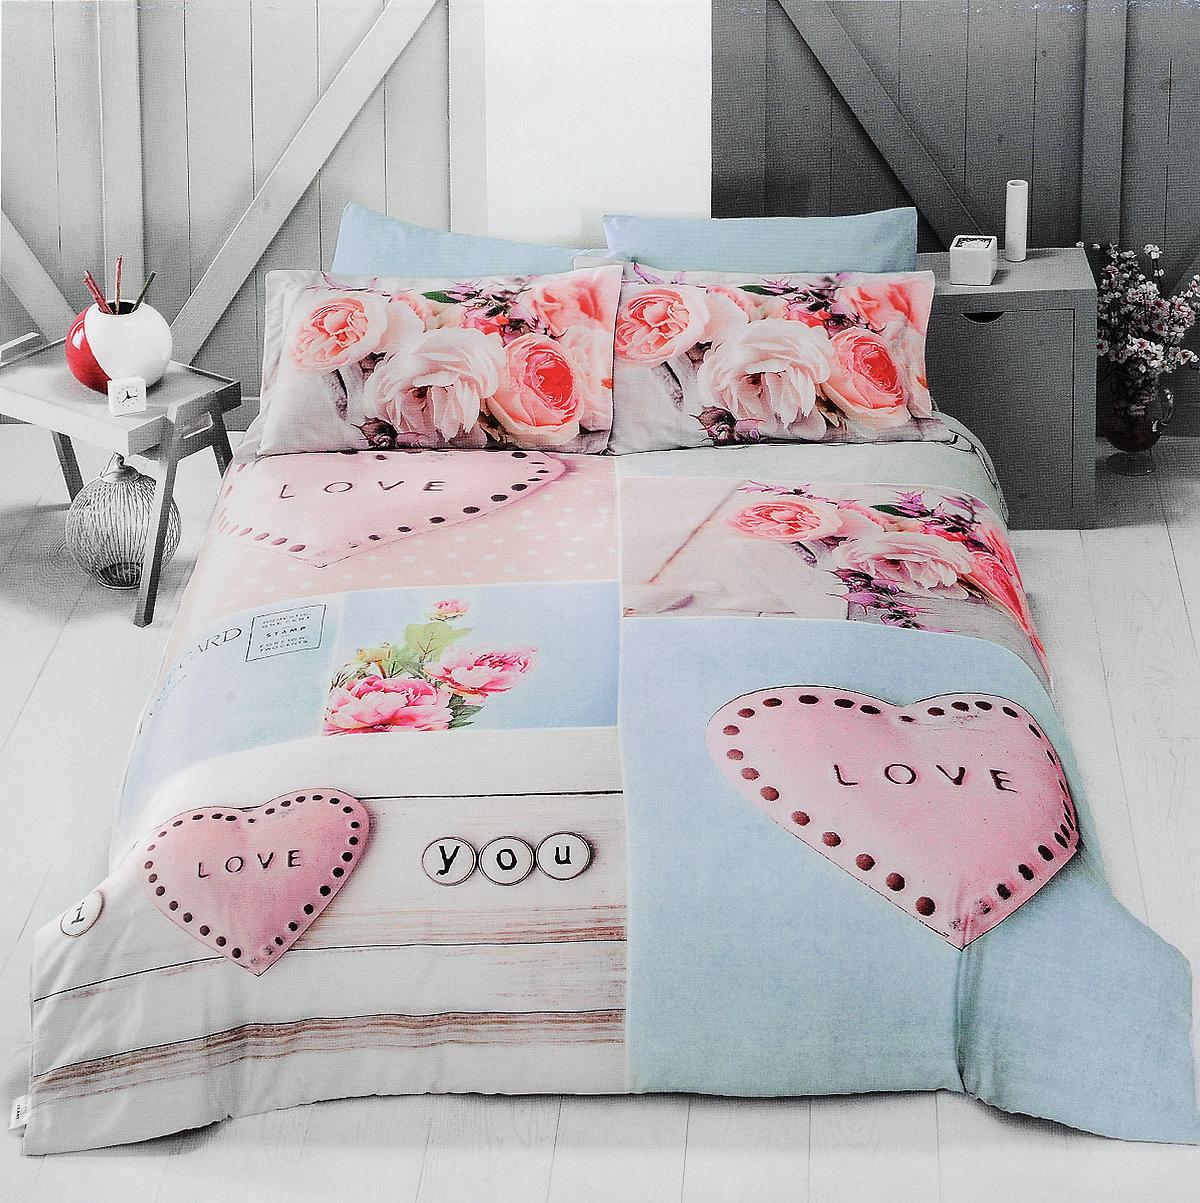 Комплект белья Clasy Love, евро, наволочки 50х70, цвет: голубой, розовый, бежевый391602Комплект постельного белья Clasy Love состоит из пододеяльника на пуговицах, простыни и 4 наволочек (2 стандартные и 2 с ушками). Изделия выполнены из сатина (100% хлопок). Ткань гладкая и имеет ровный матовый блеск. Секрет заключается в особенно плотном сатиновом переплетении. Несмотря на особую плотность, это постельное белье очень мягкое, спать на нем уютно и тепло. Ткань обладает отличными гигиеническими свойствами - гигроскопичностью, воздухопроницаемостью и гипоаллергенностью. Краска на сатине держится очень хорошо, новое белье не полиняет и со временем не станет выцветать. Такой комплект прослужит дольше любого другого хлопкового белья. Благодаря диагональному пересечению нитей ткань почти не мнется. В производстве белья используются только качественные безопасные импортные красители, которые не содержат вредных химических веществ и позволяют сохранить яркость красок после многократных стирок. Белье упаковано в подарочную картонную коробку.